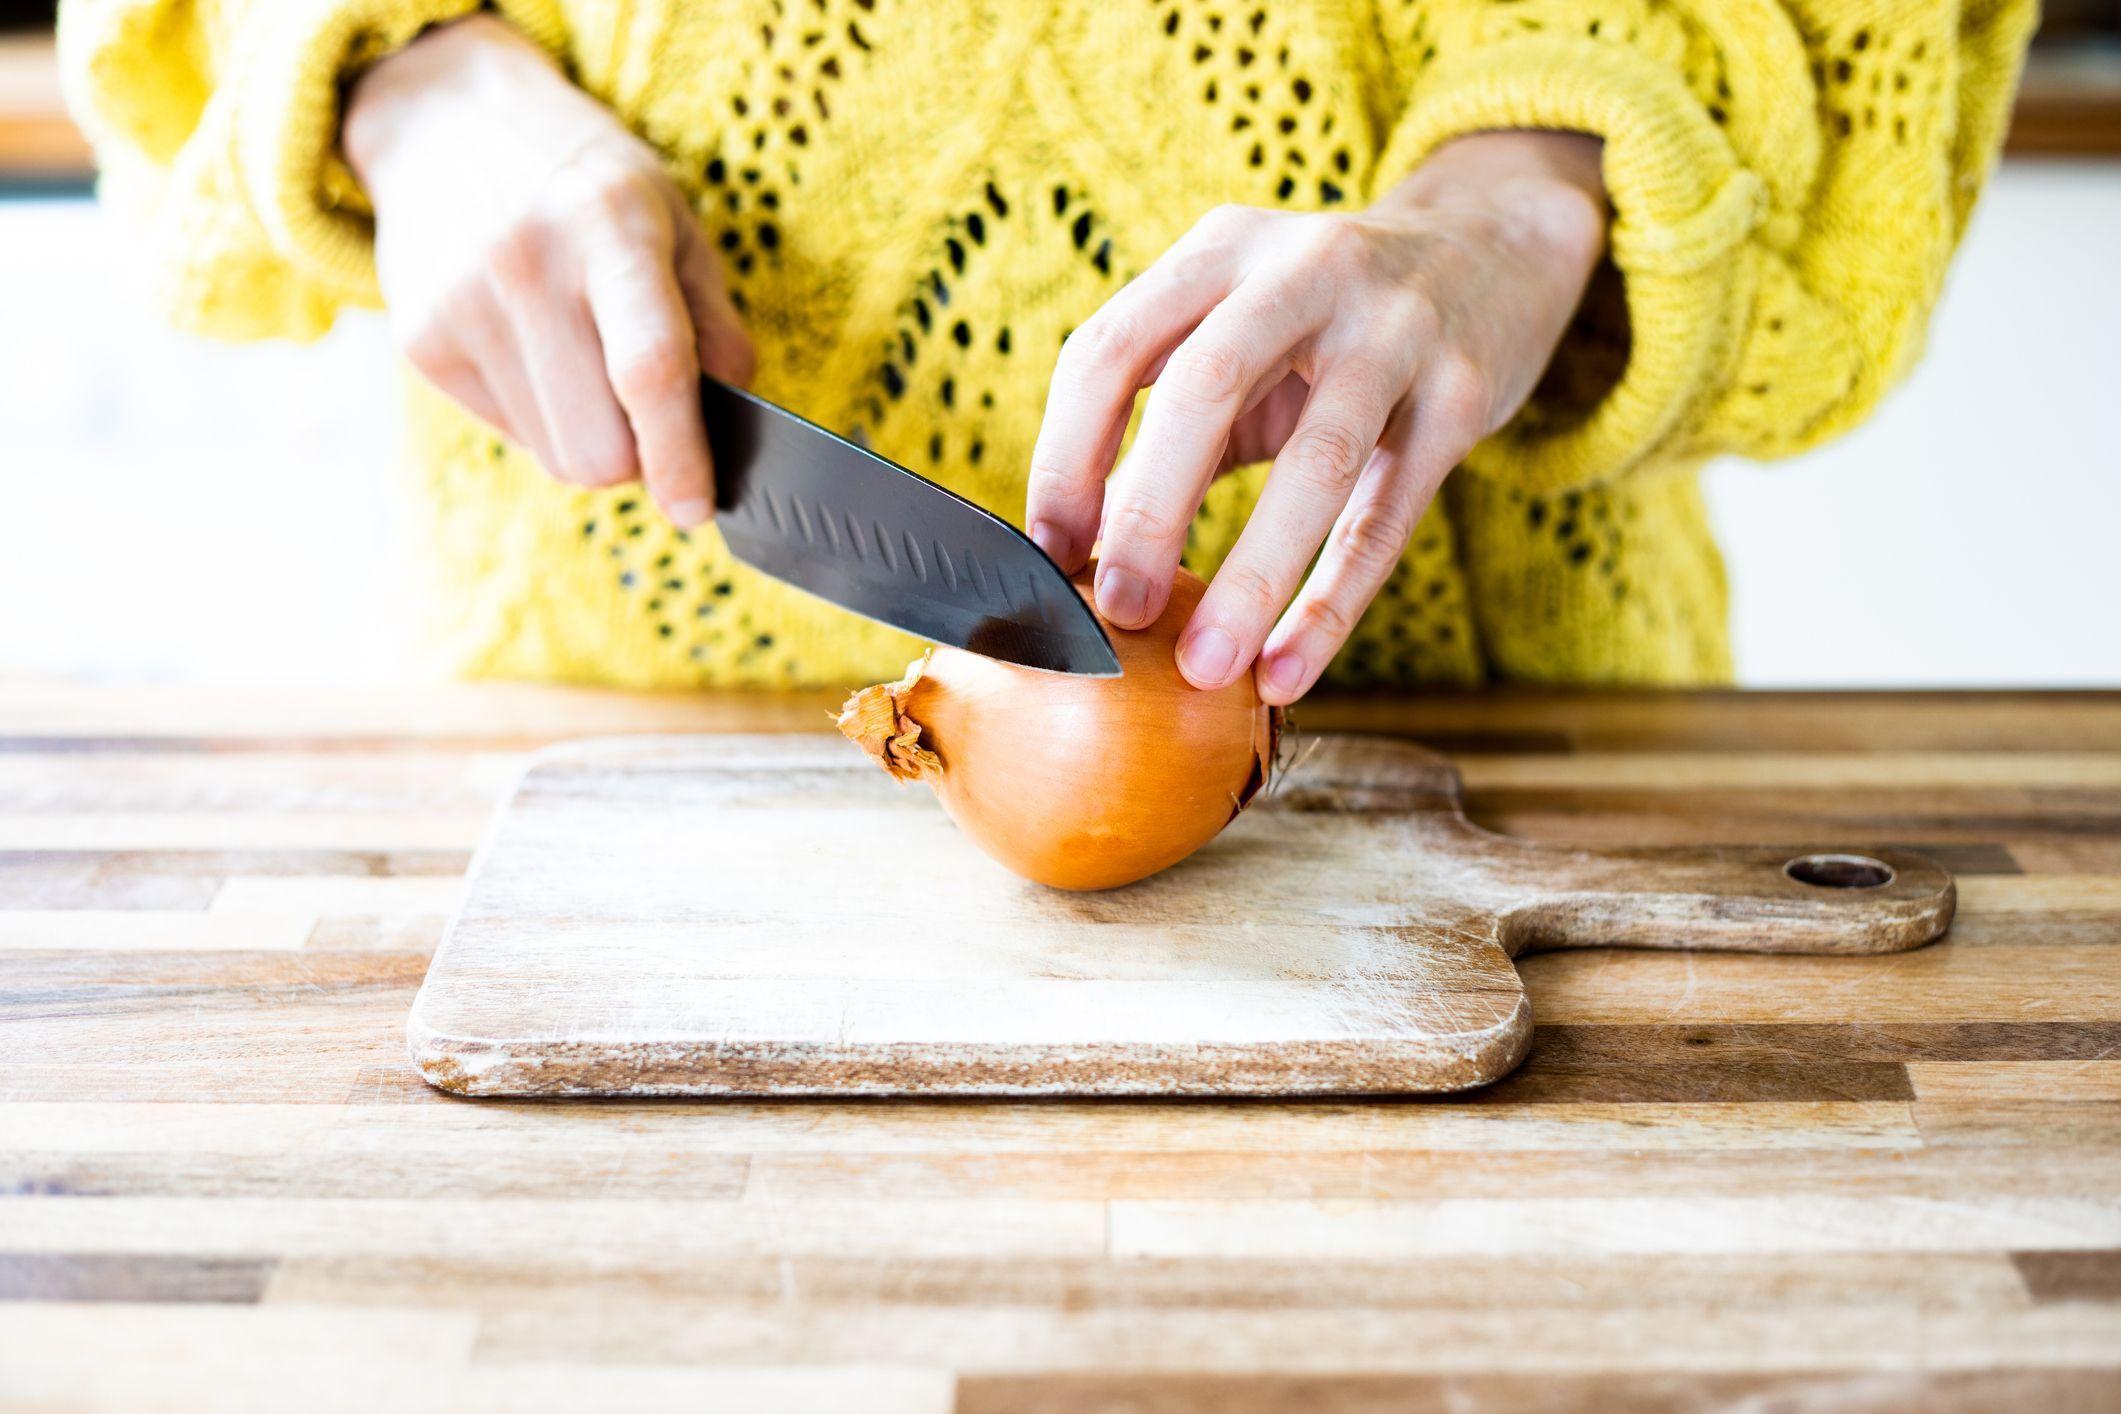 La technique pour découper les oignons sans pleurer !